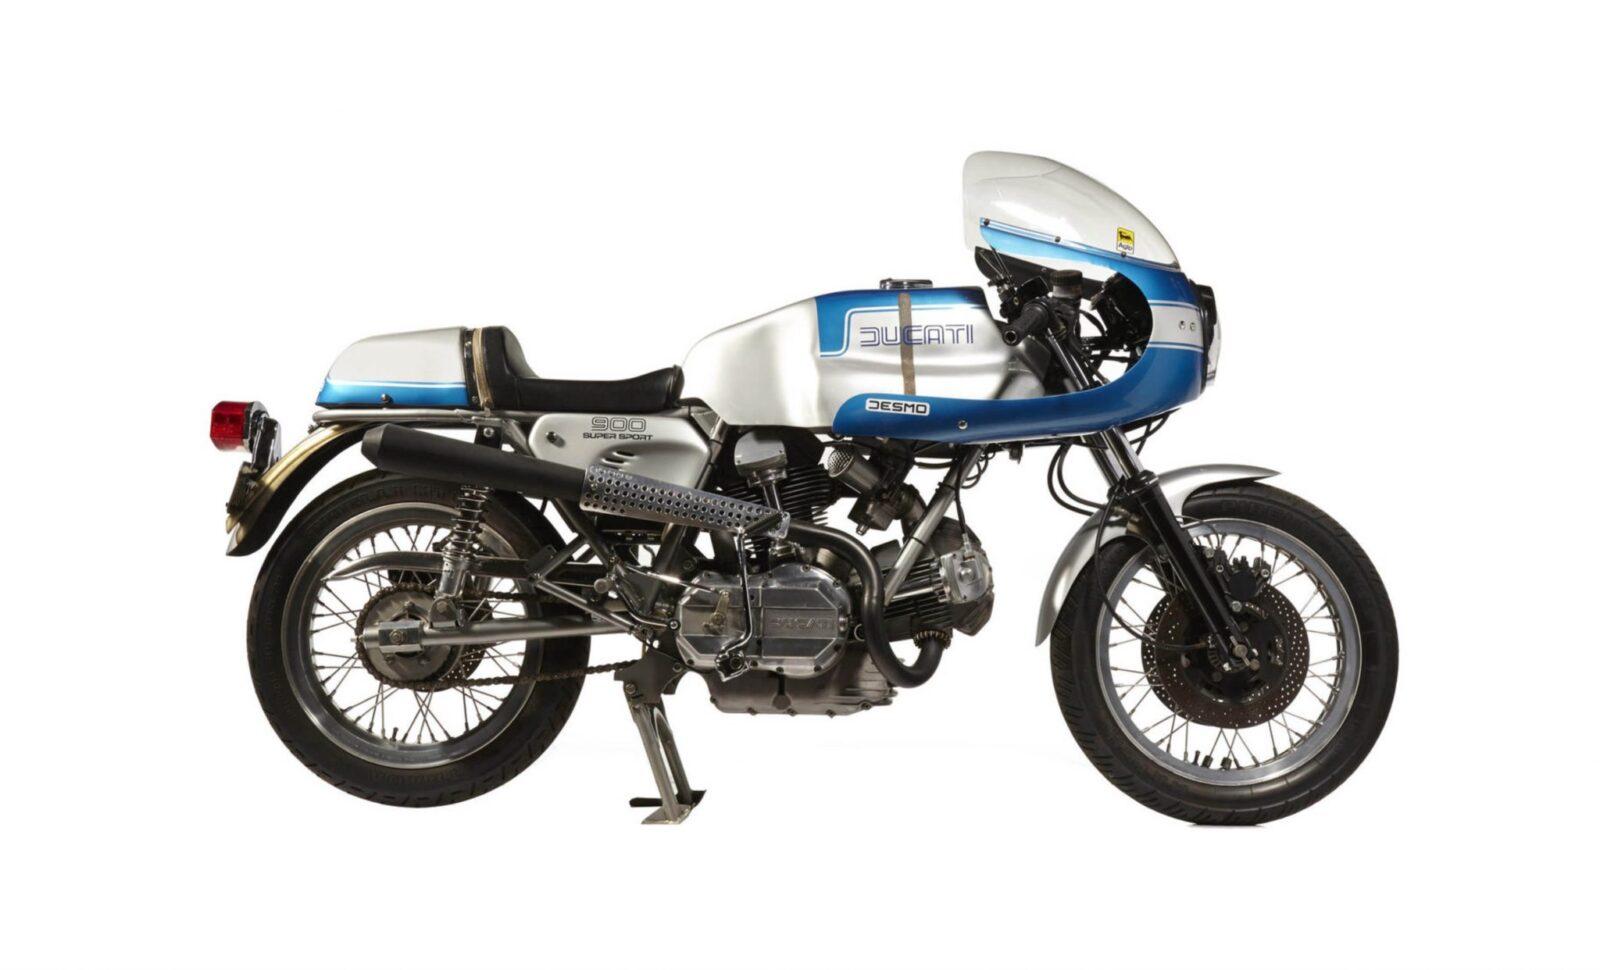 Ducati 900SS Imola 1600x970 - Ducati 900 SS Imola